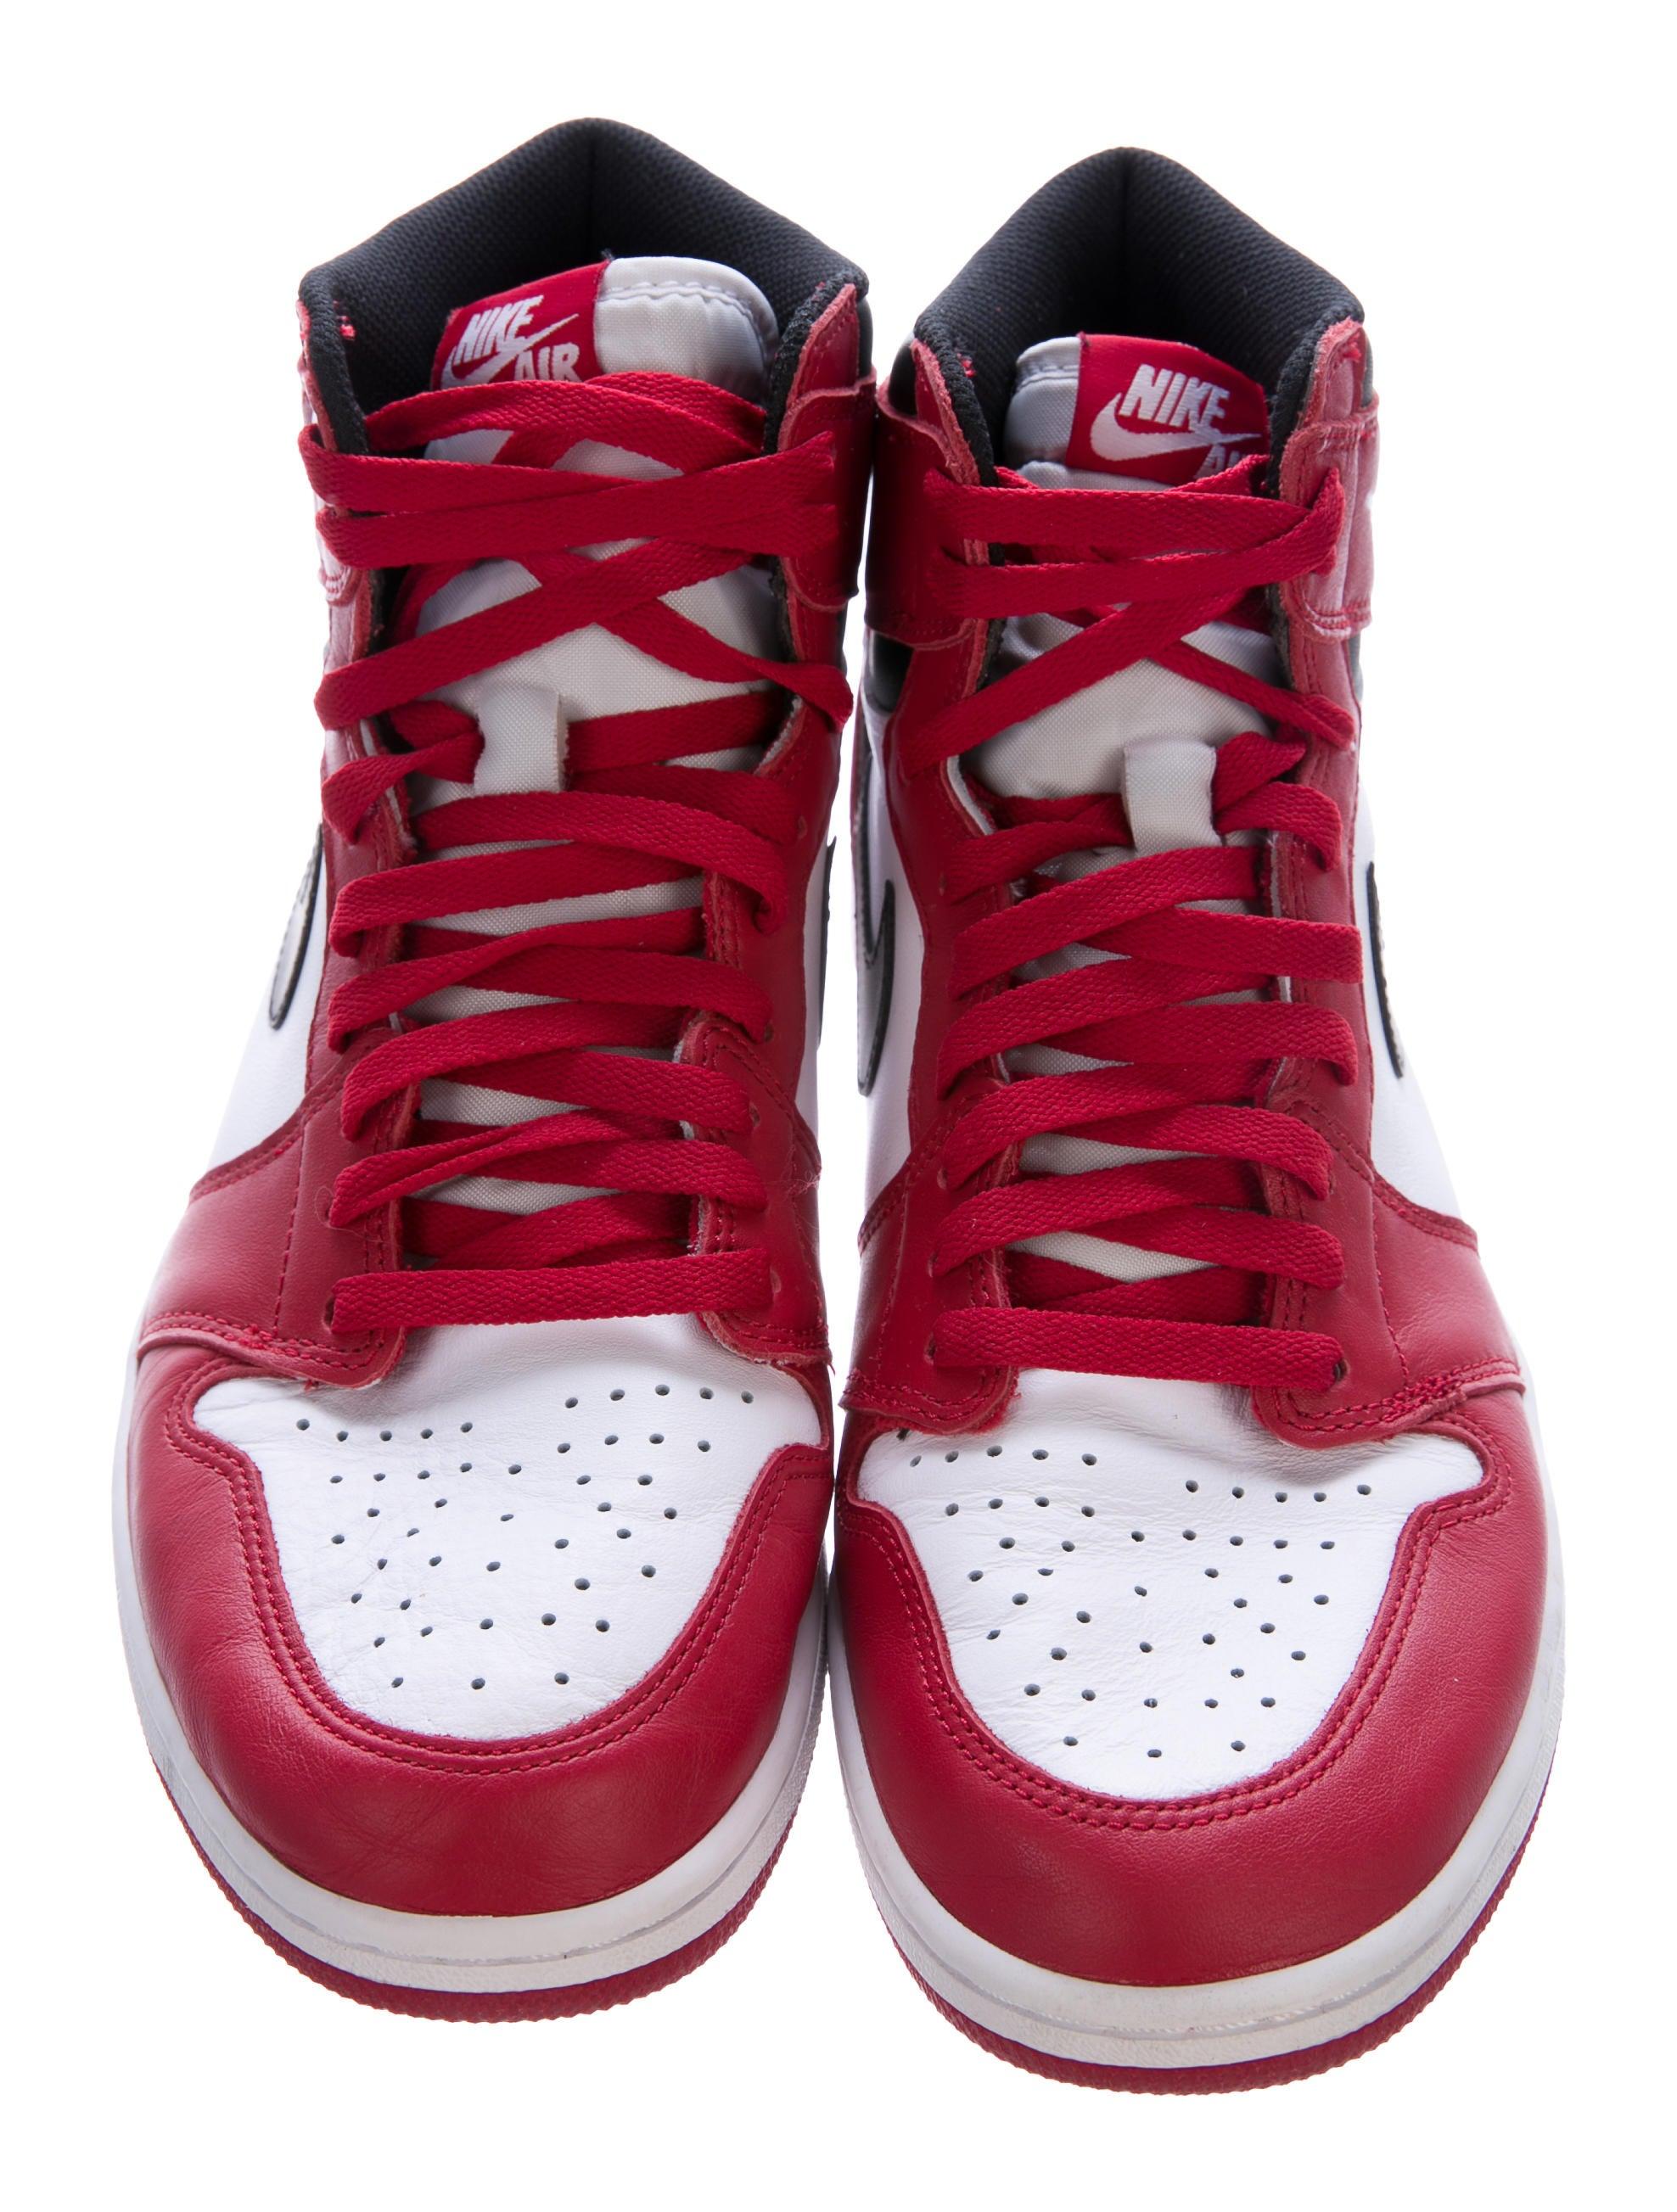 4a2da1dcf1e Nike Air Jordan Retro 1 Shoes